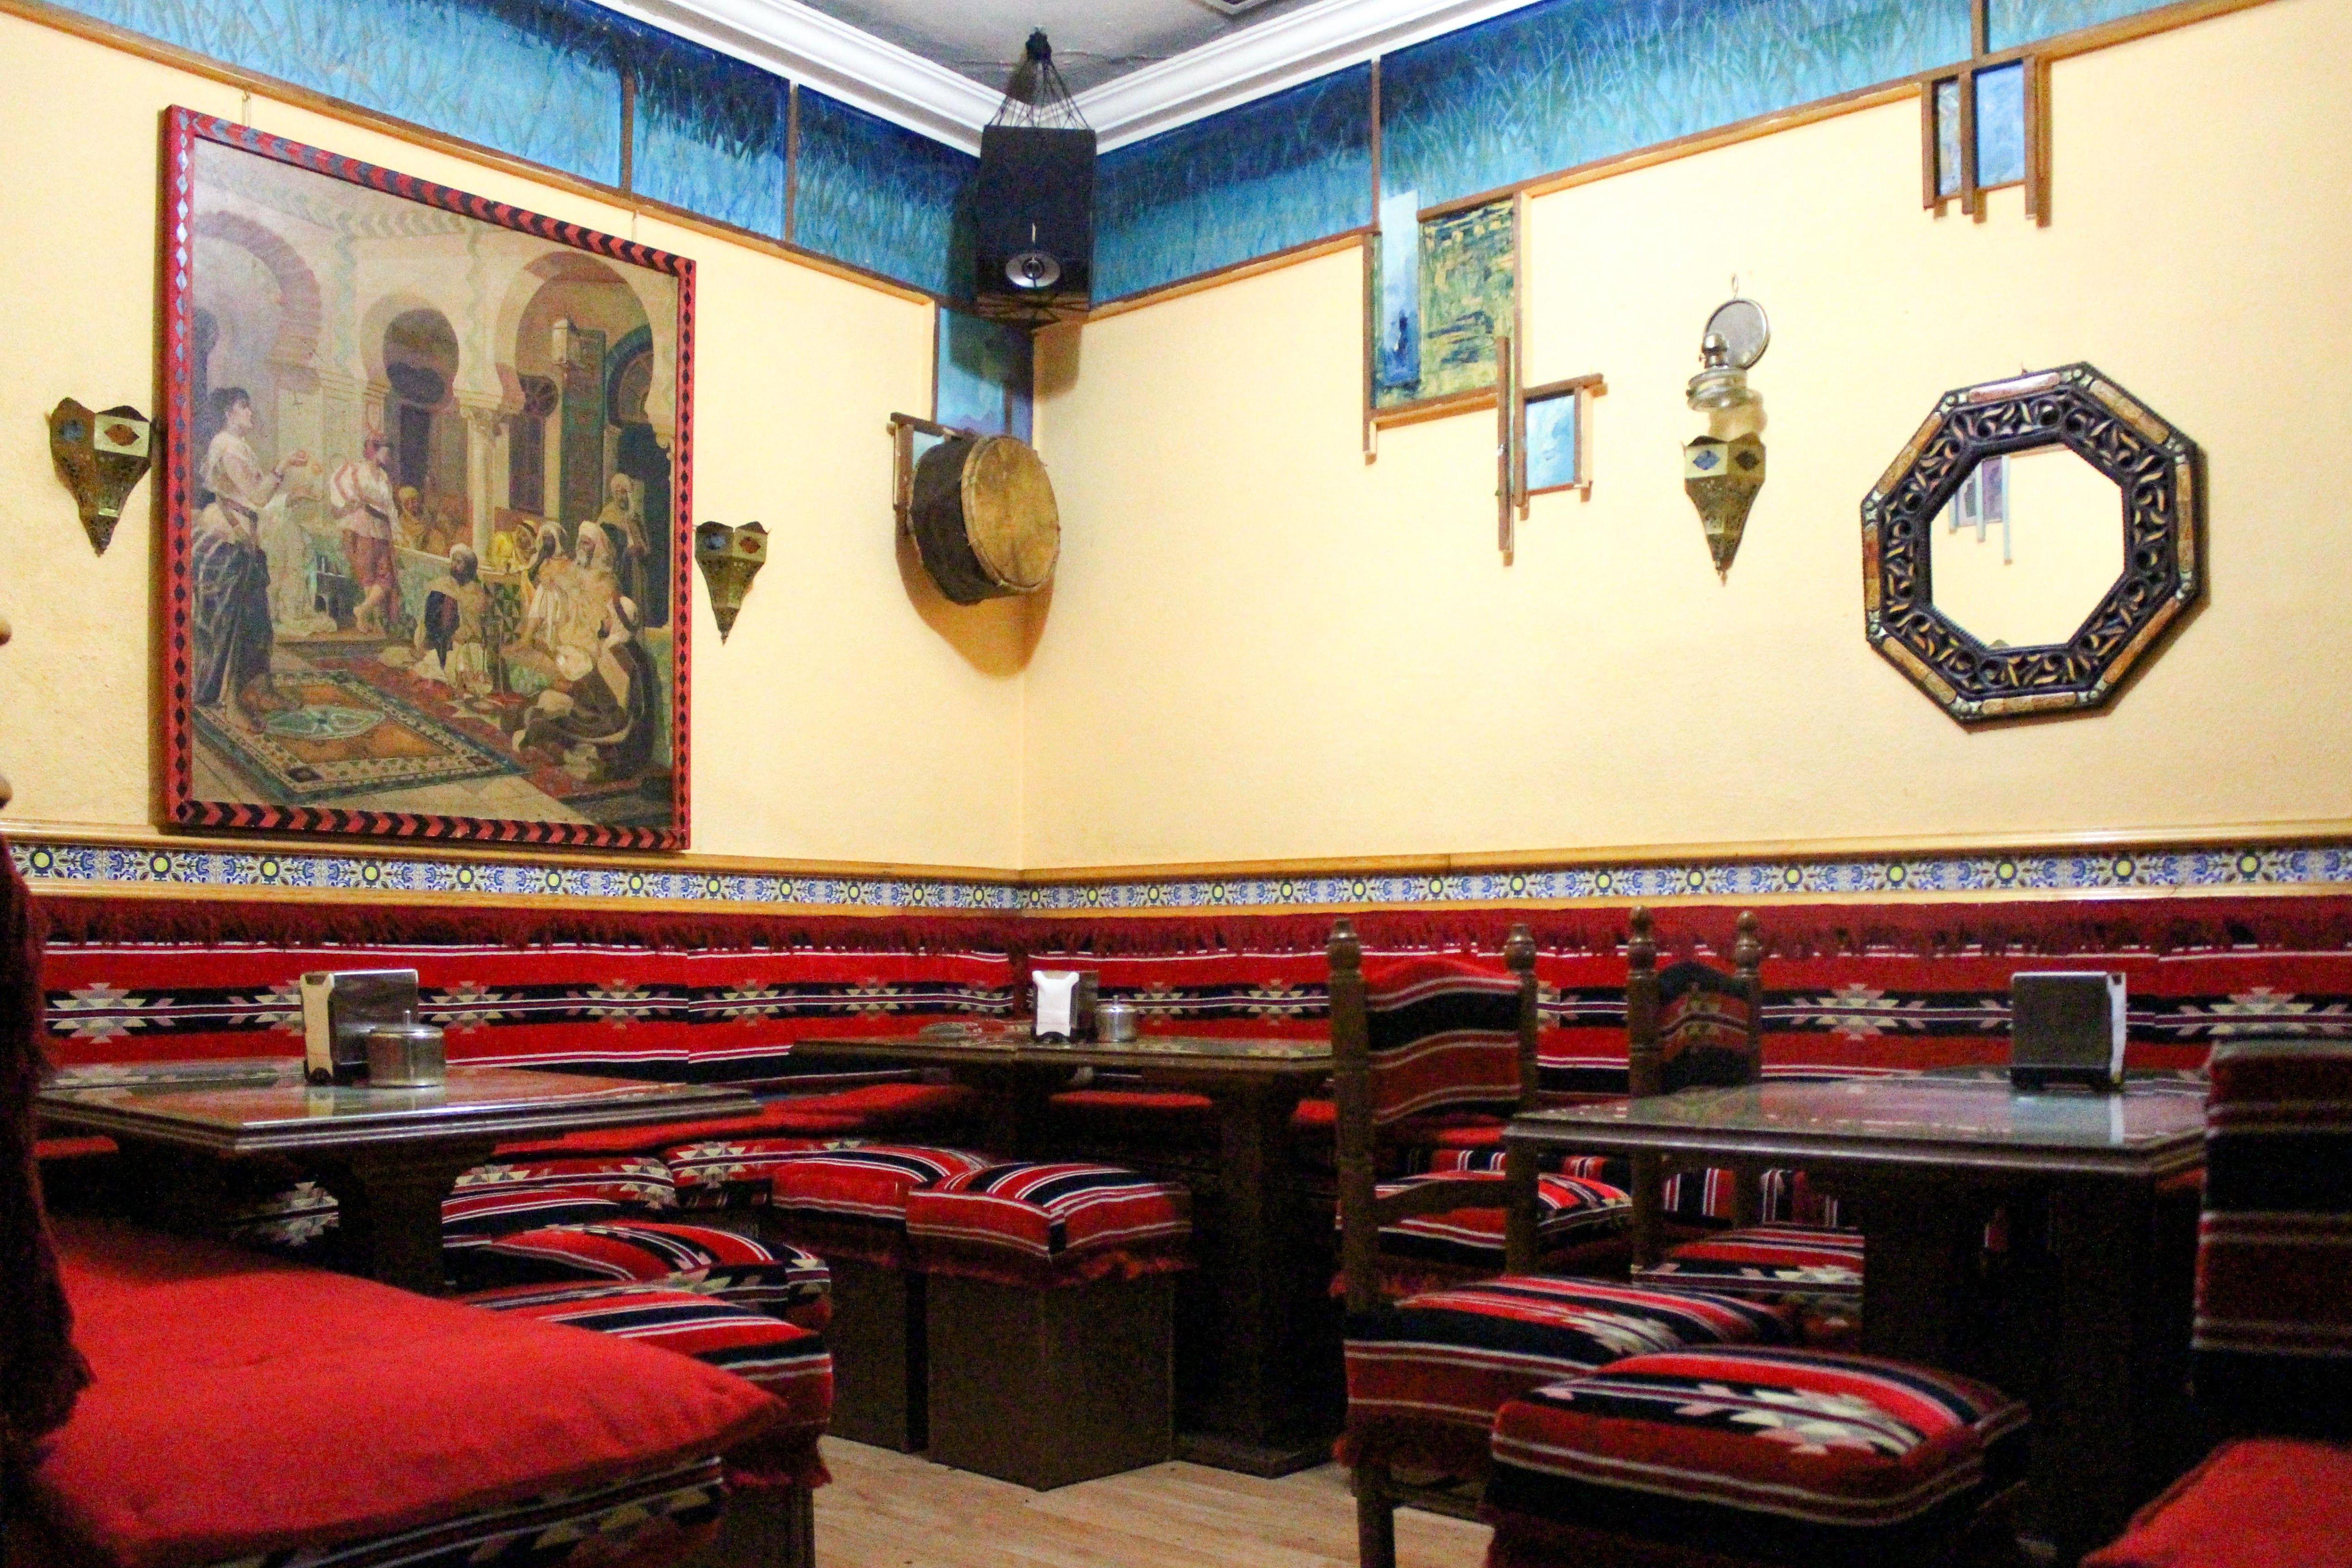 Foto 2 de Restaurante de comida árabe en Madrid en Madrid | El Califa. Restaurante Árabe y Tetería